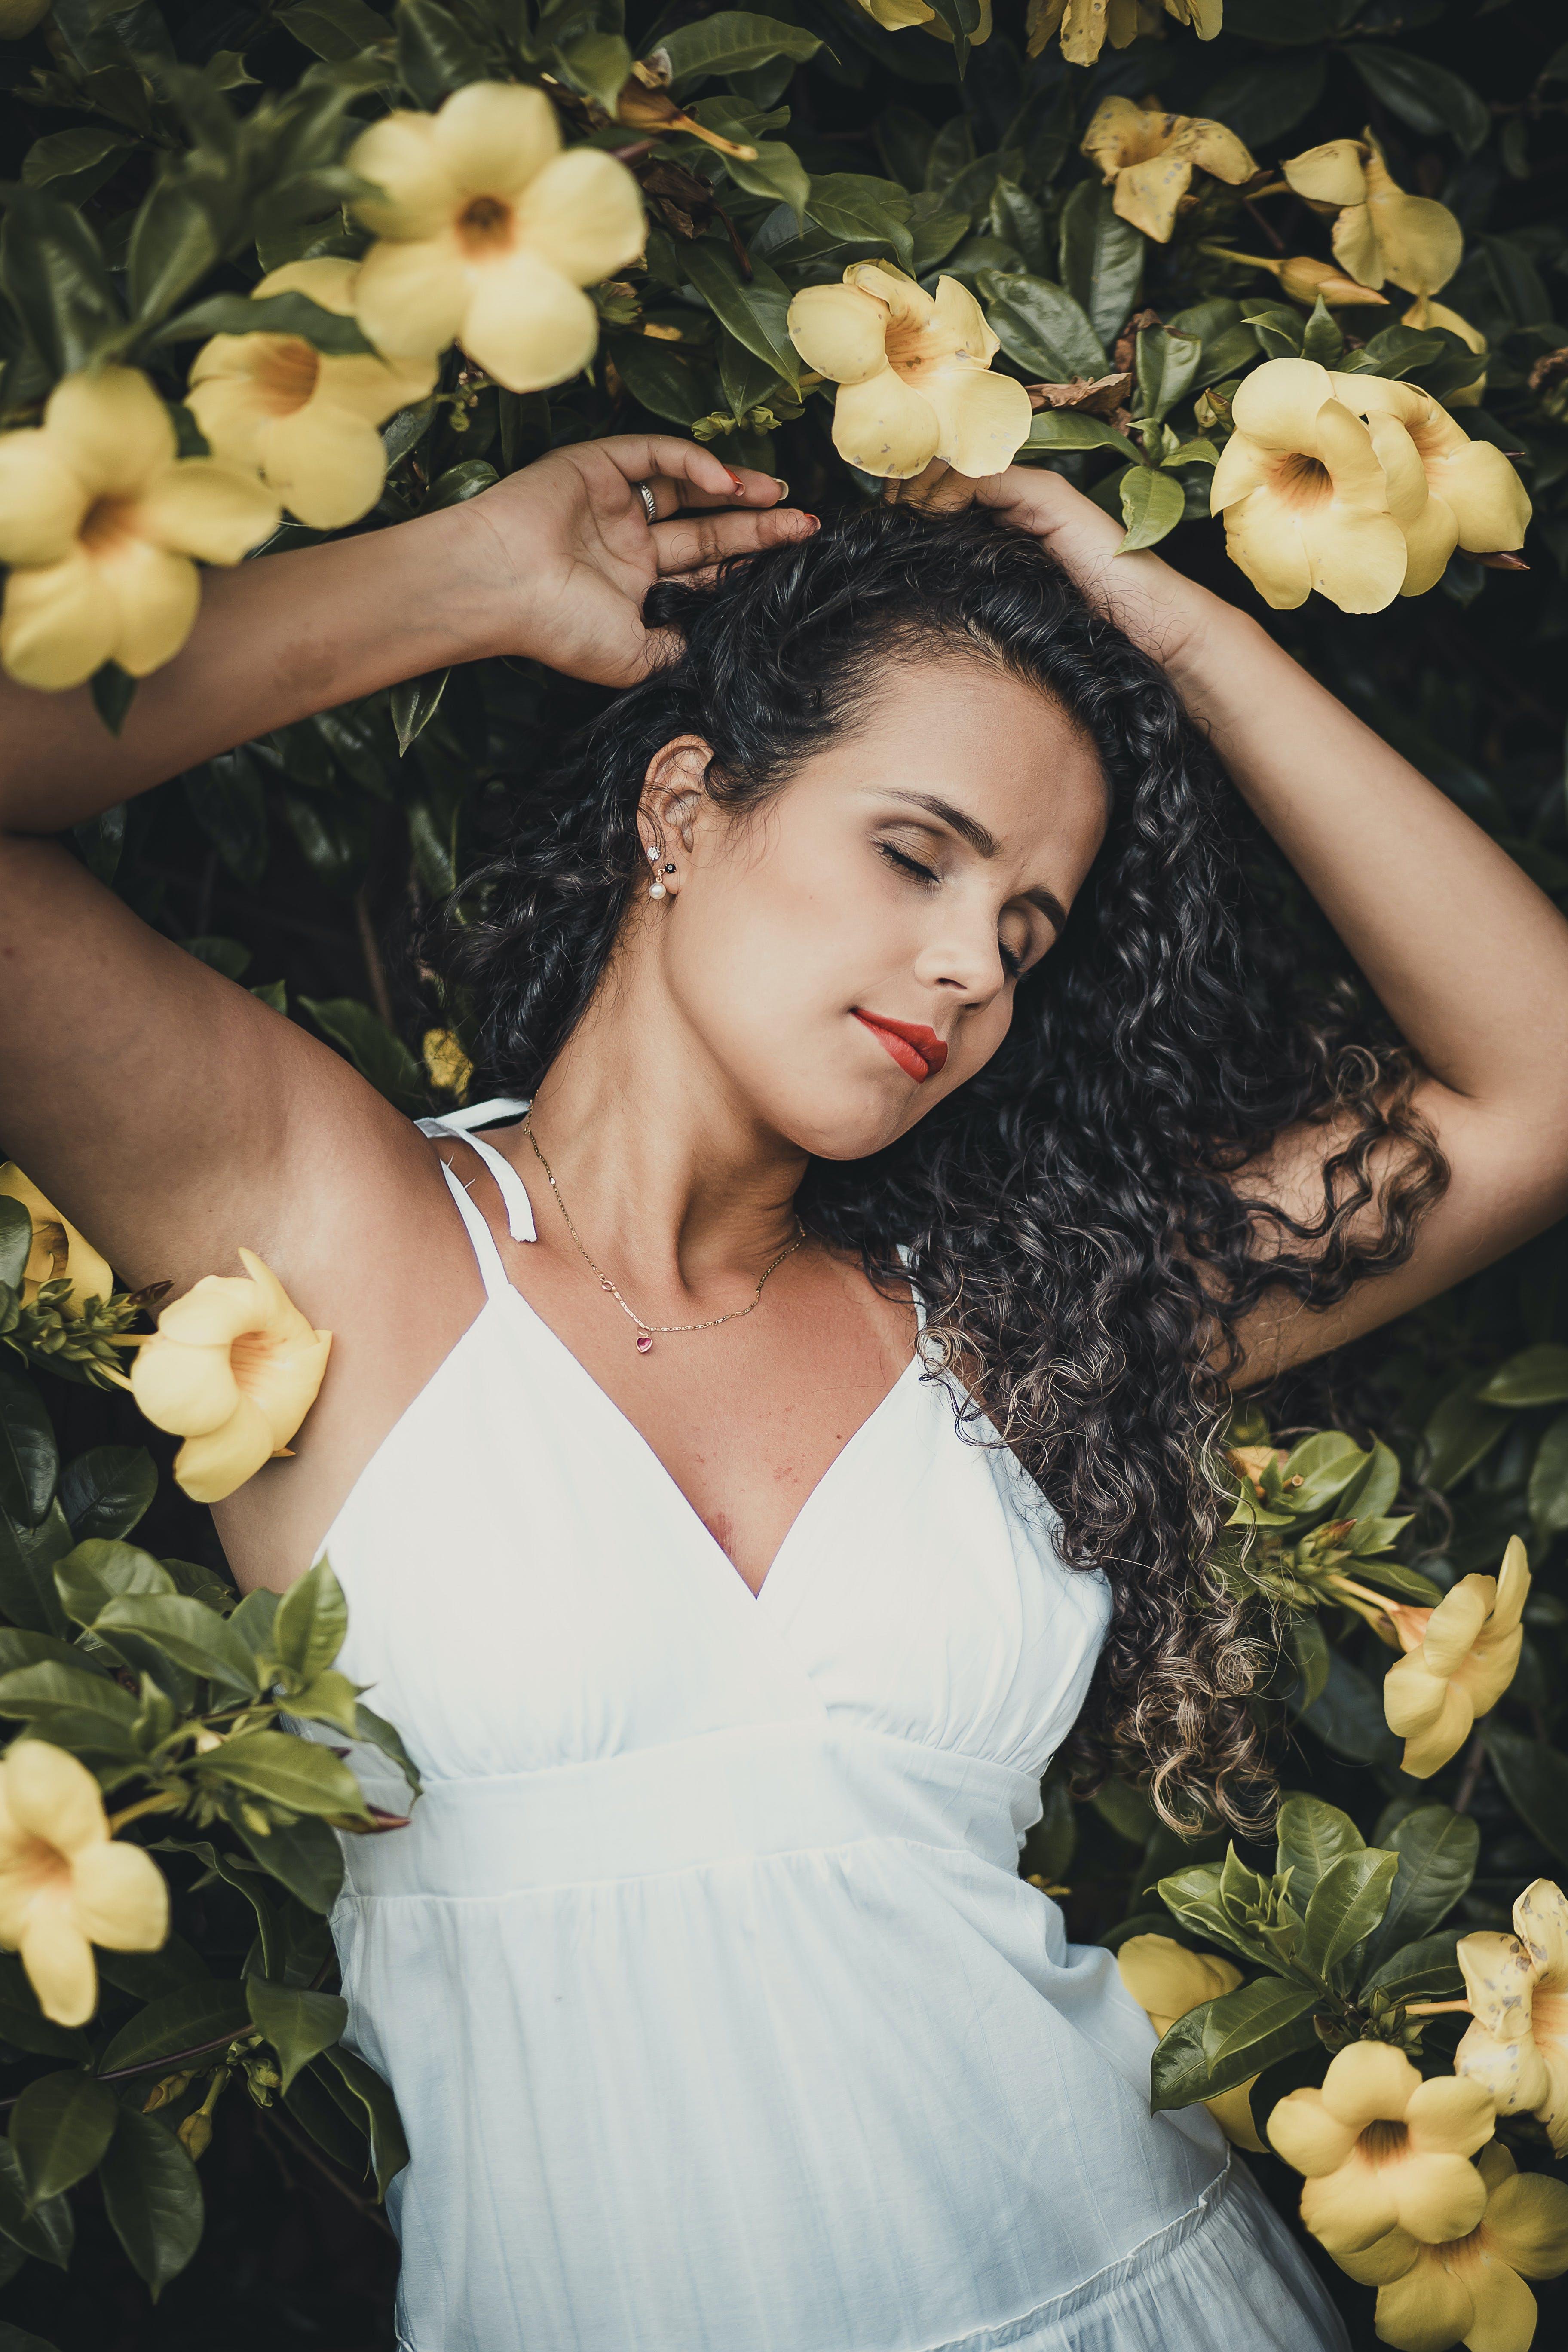 Woman Lying Beside Flowers